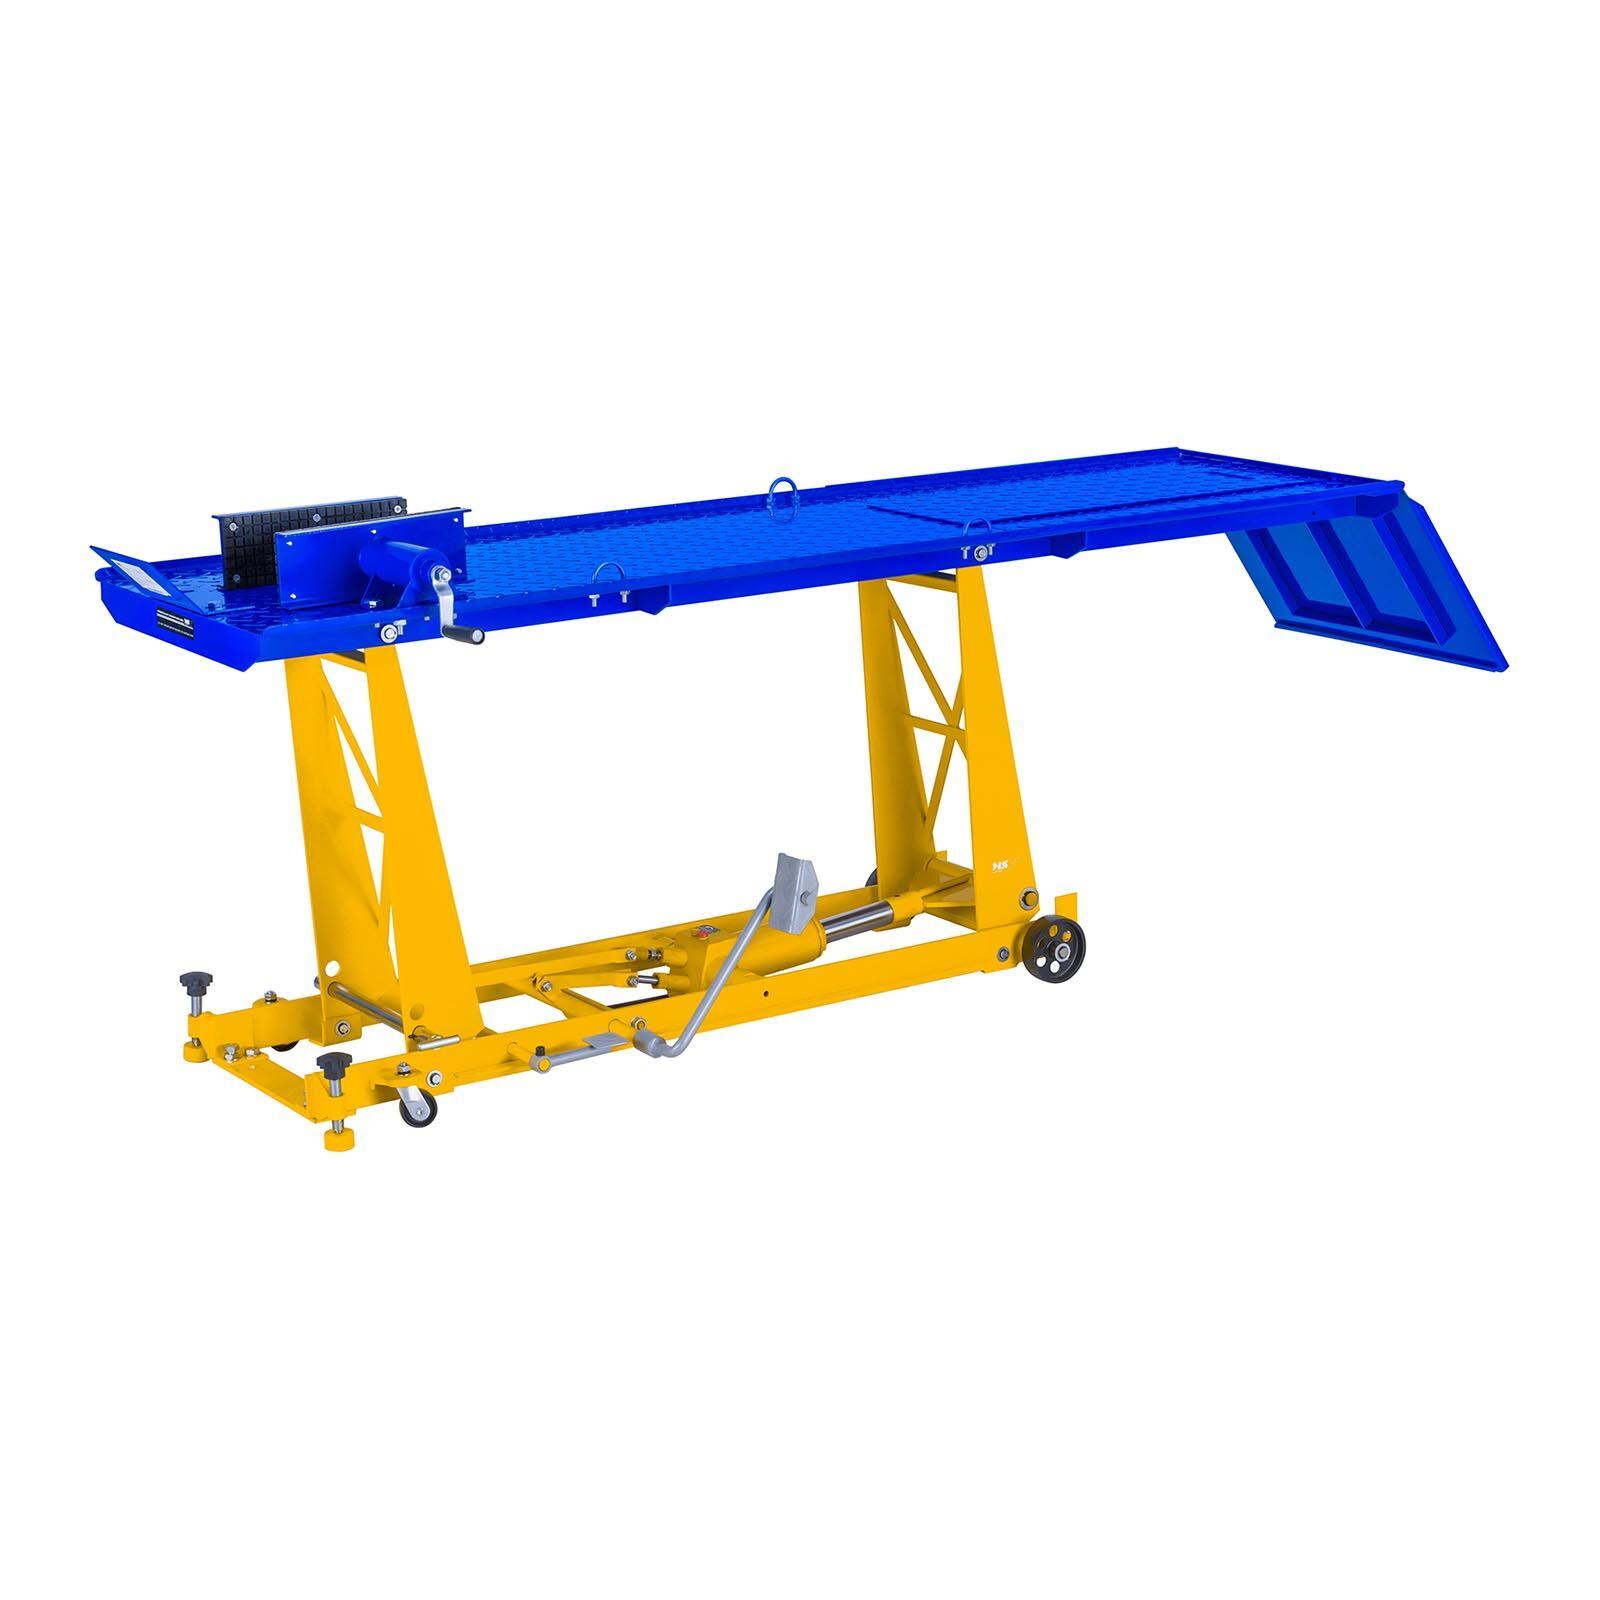 MSW Motorradhebebühne mit Rampe - 450 kg - 190 x 53 cm MSW-MHB-450-680